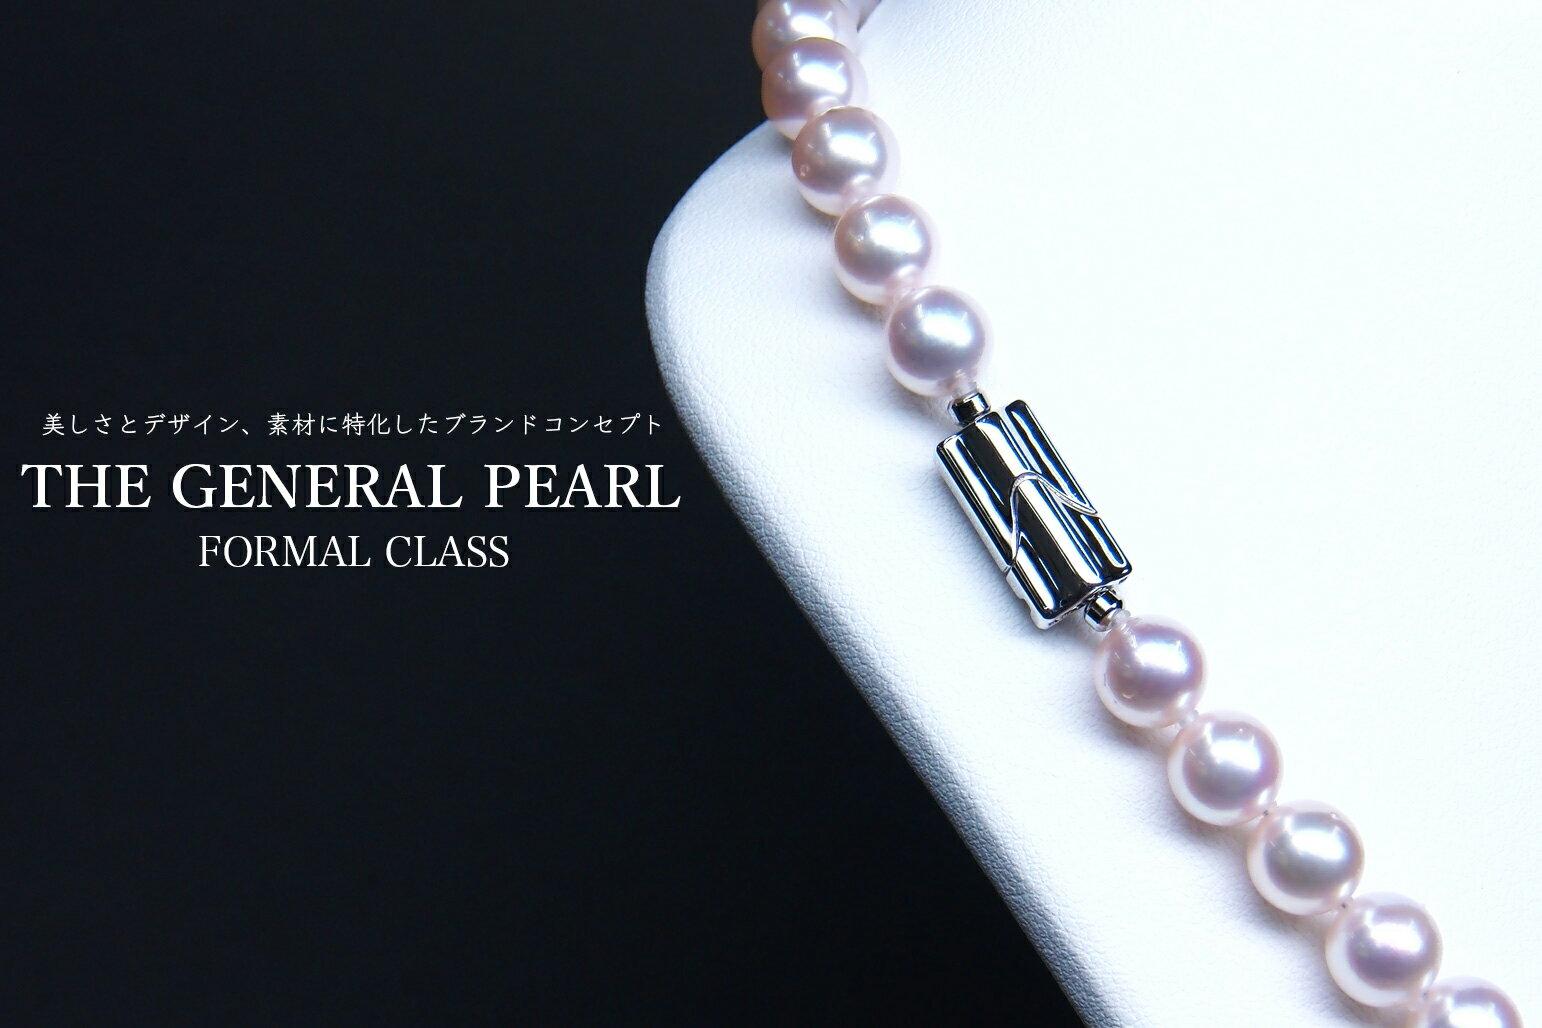 《真珠大卸からの直販》■THE GENERAL PEARL フォーマルクラス ■越物アコヤ本真珠ネックレス 8.0-8.5mm【送料無料】